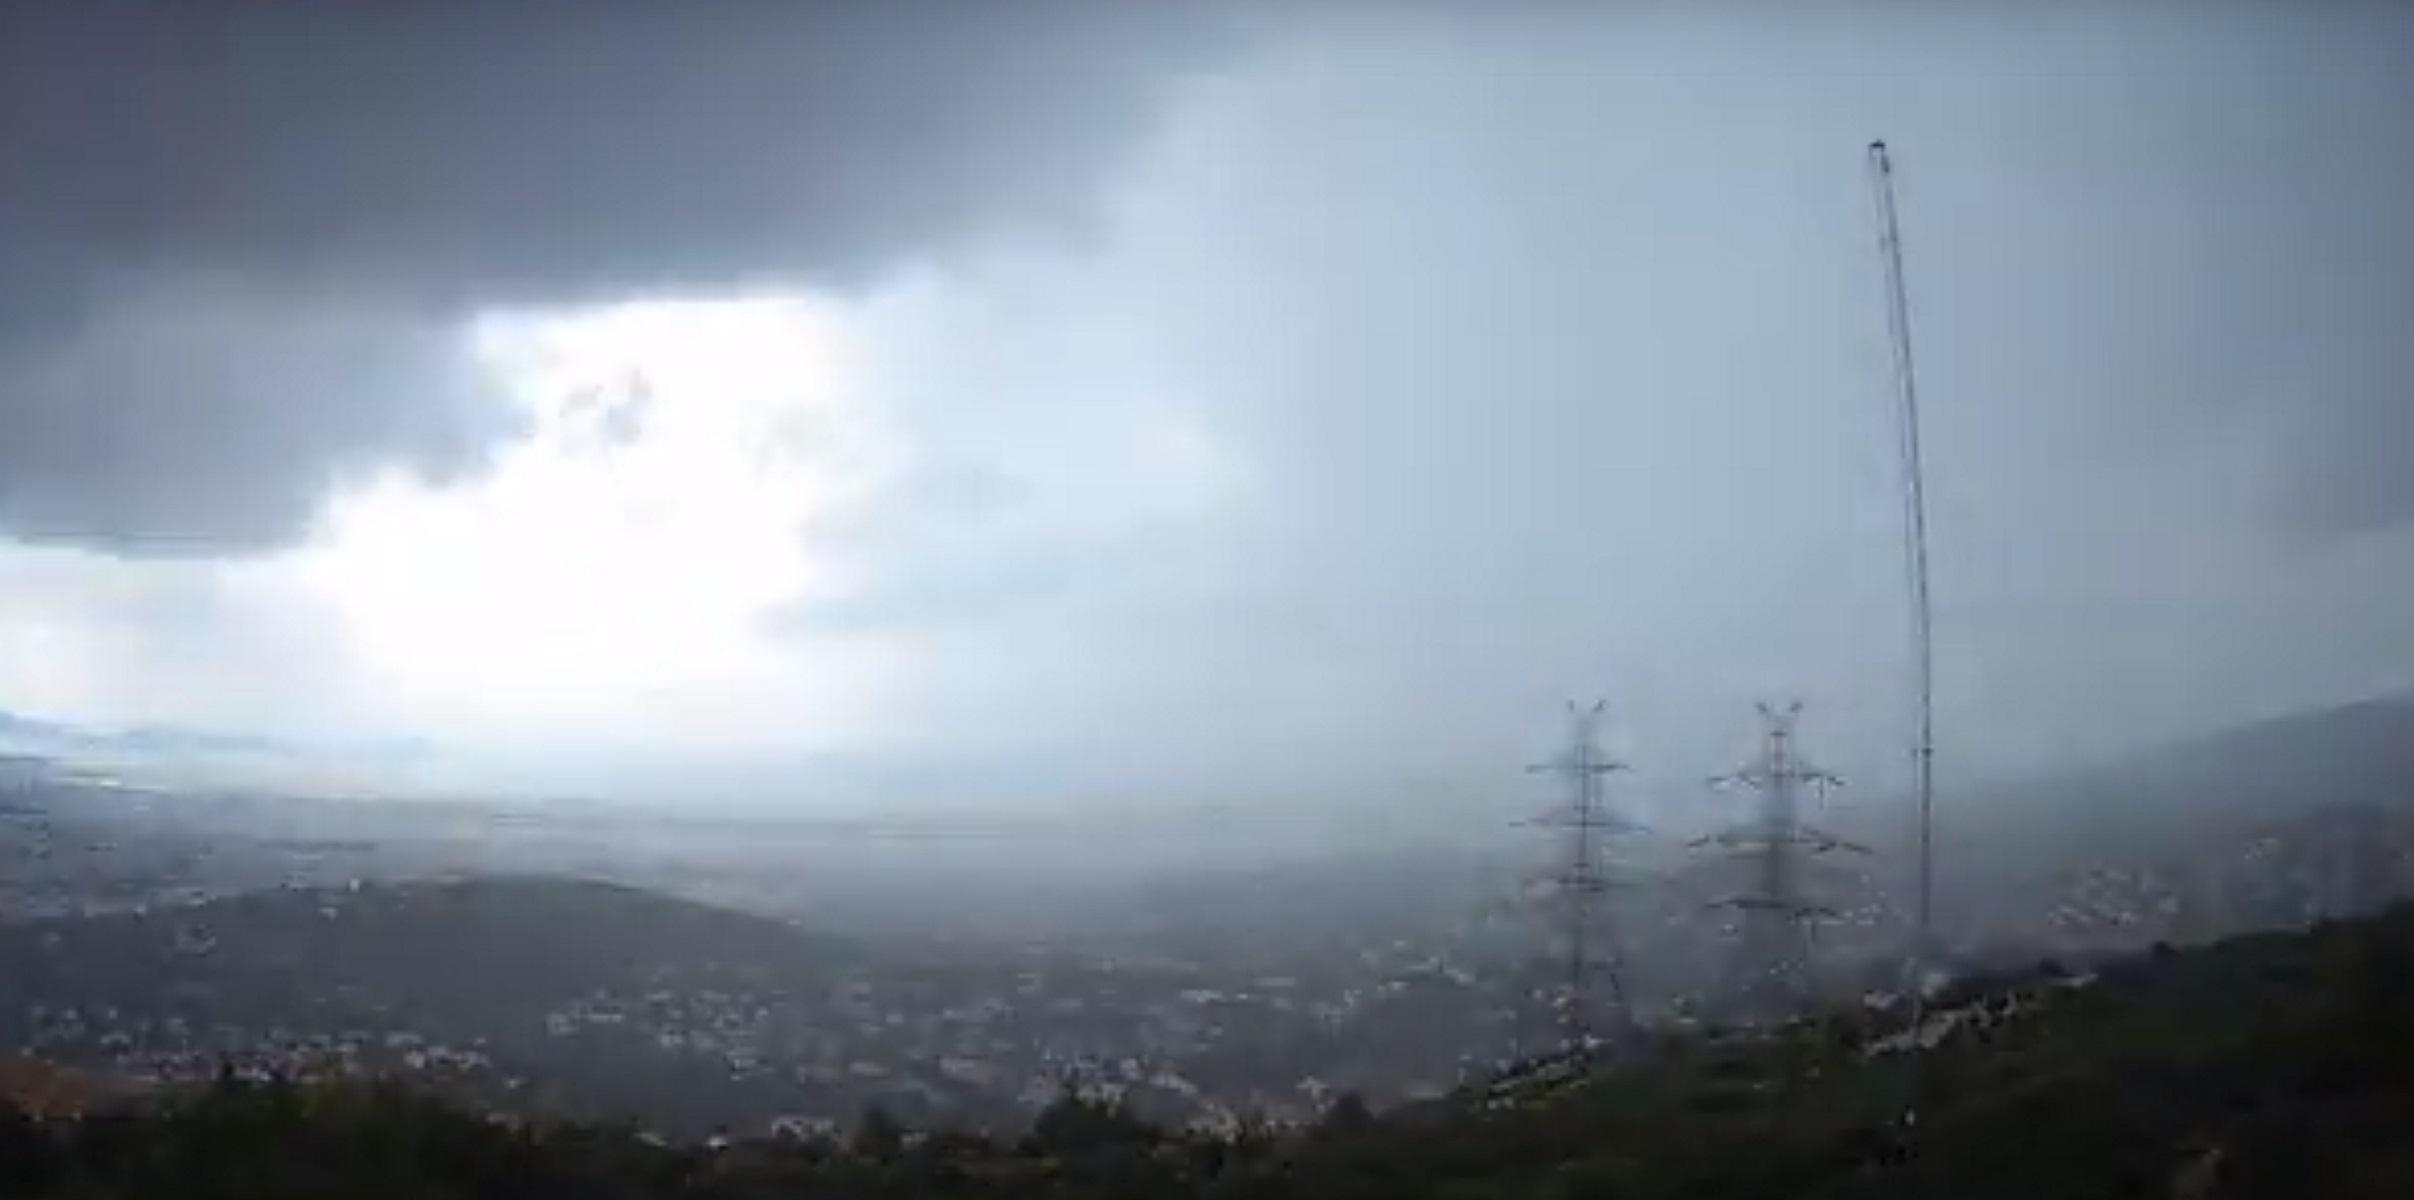 Καιρός: Εντυπωσιακό timelapse video από την σφοδρή καταιγίδα που χτύπησε την Αττική